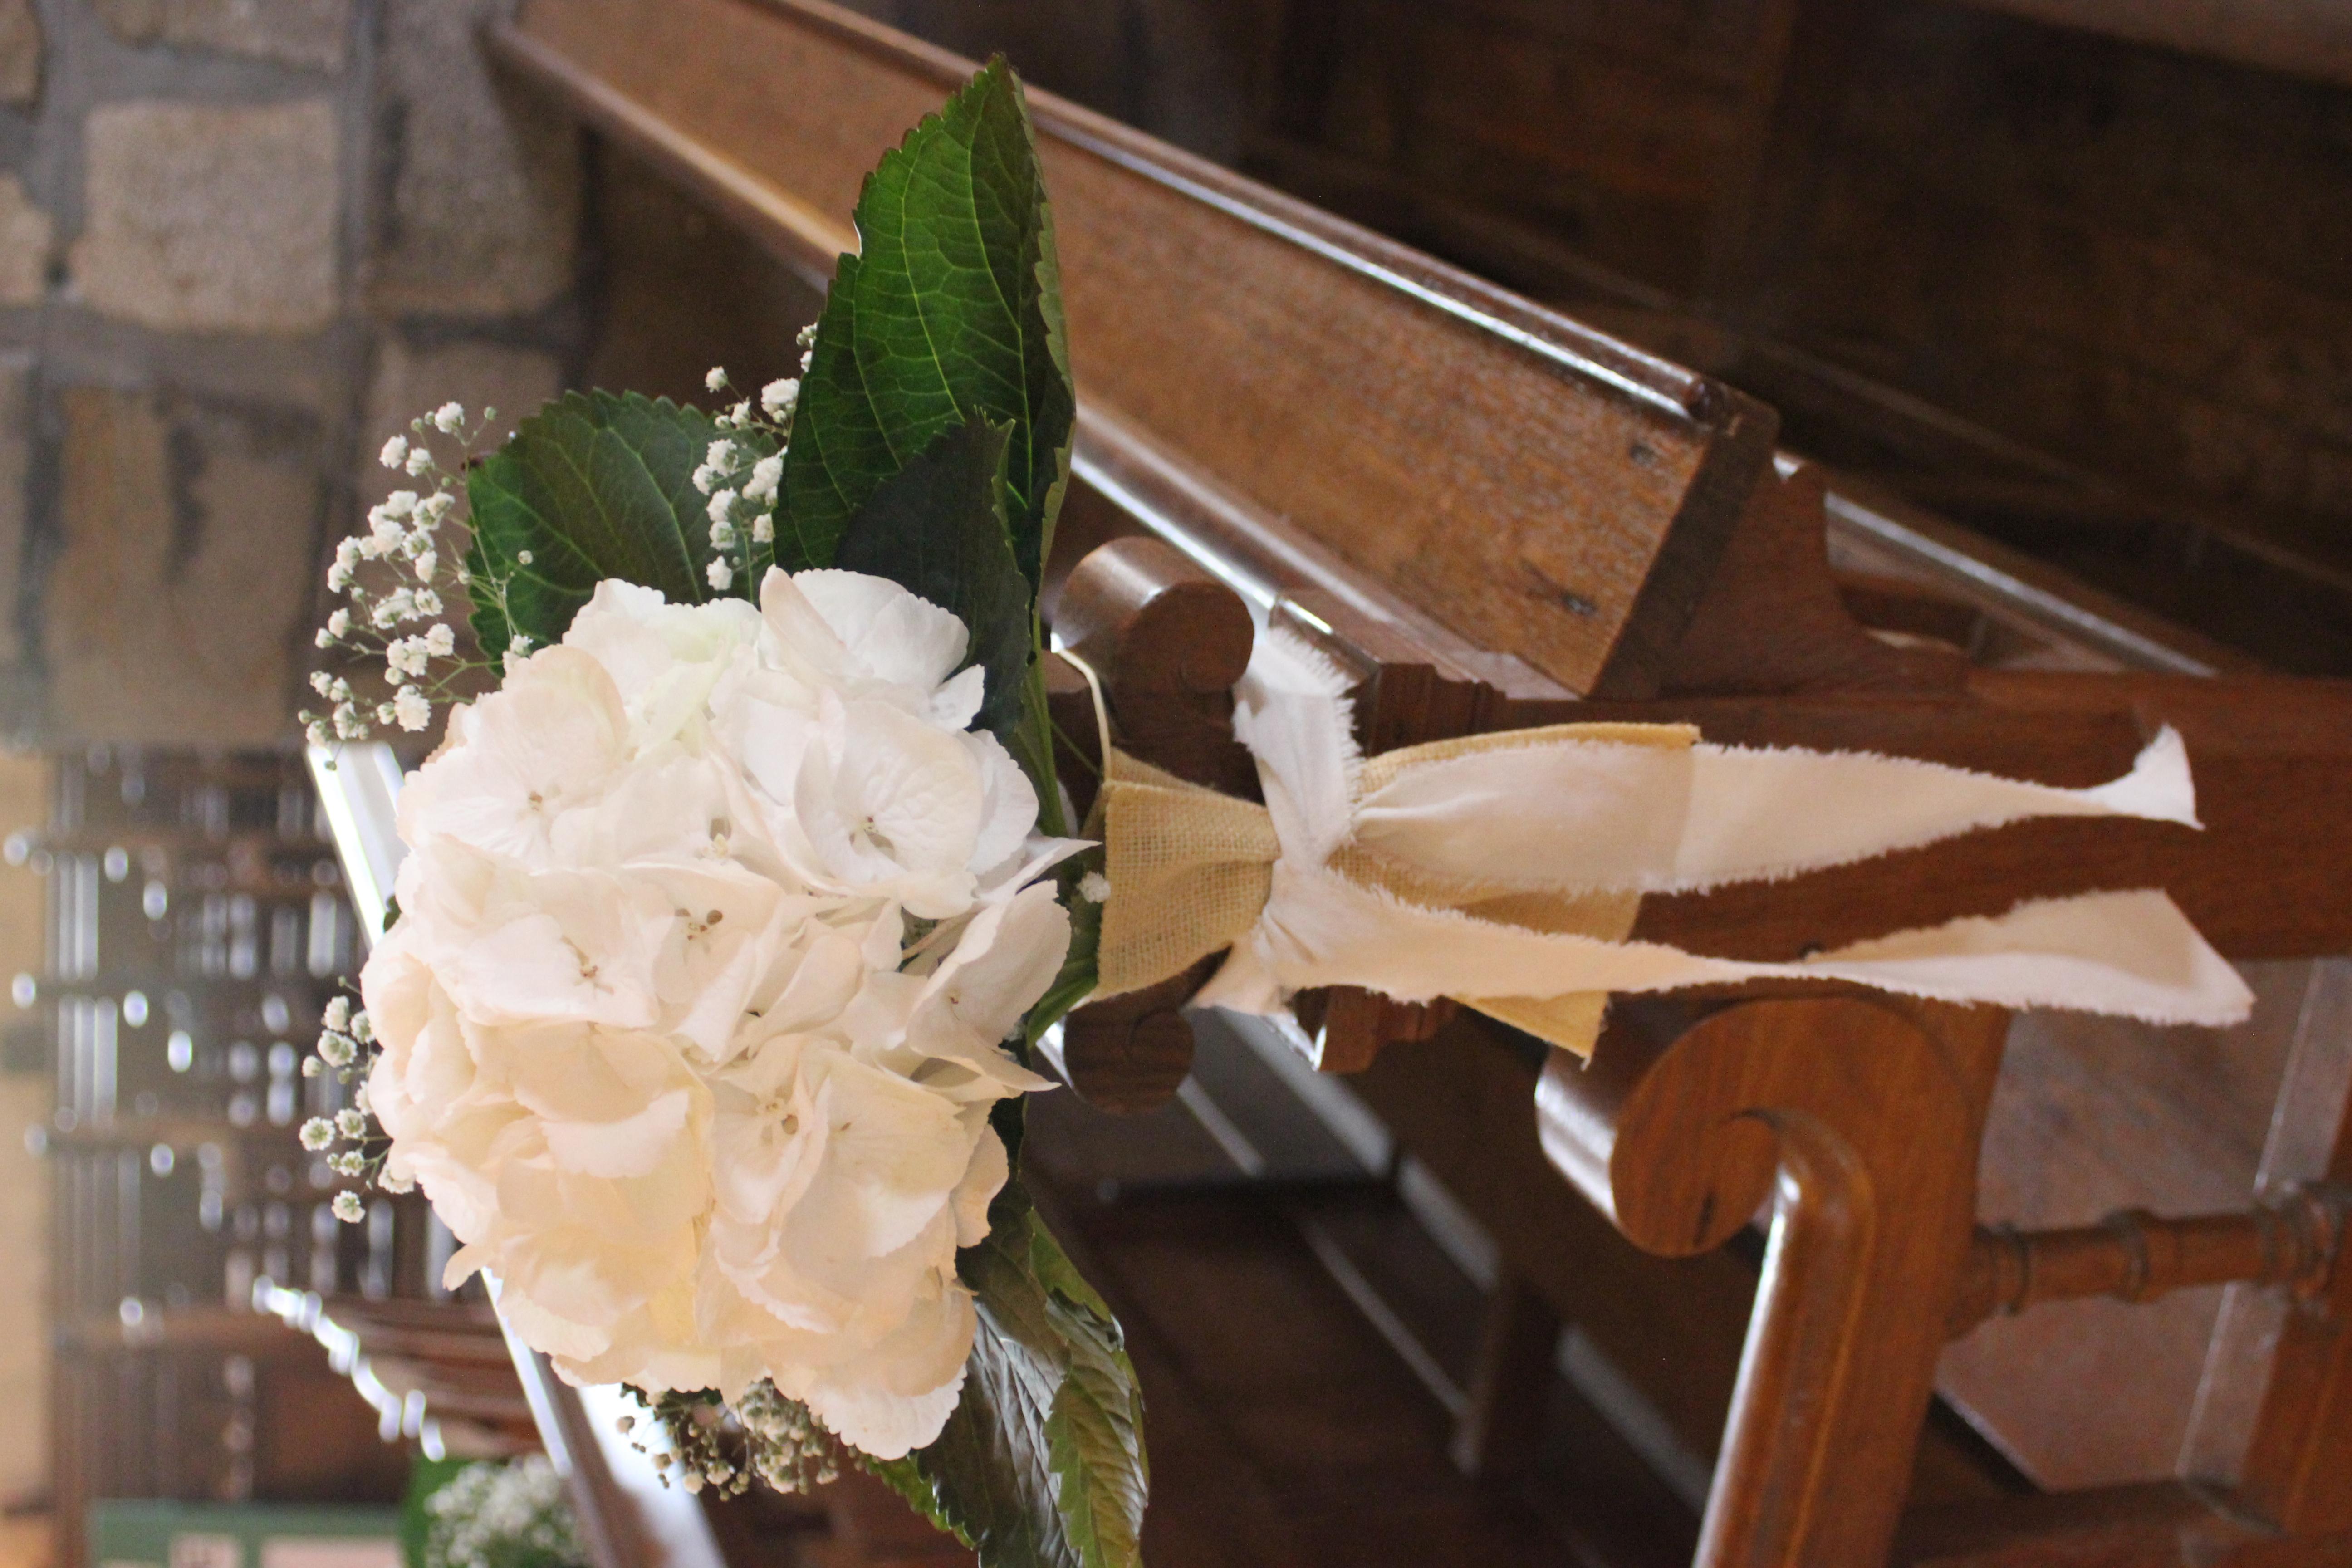 Bouts de banc _ tête d'hortensia dans petit sac en toile de jute avec ruban en coton